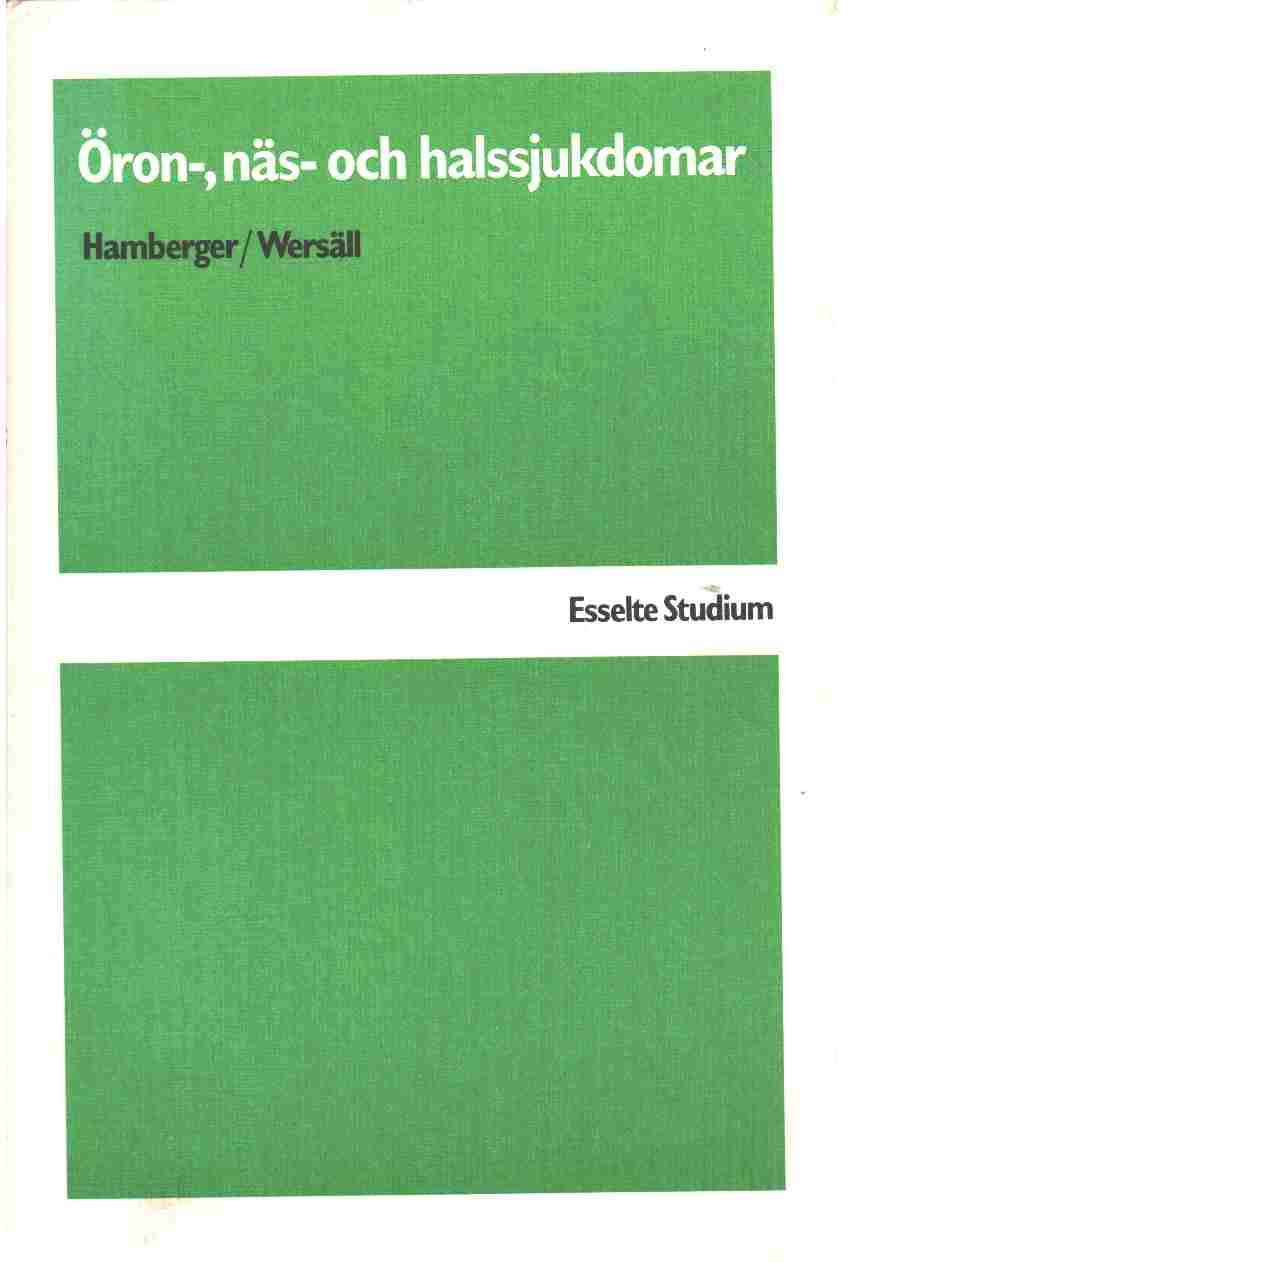 Öron-, näs- och halssjukdomar - Hamberger, Carl-Axel och Wersäll, Jan